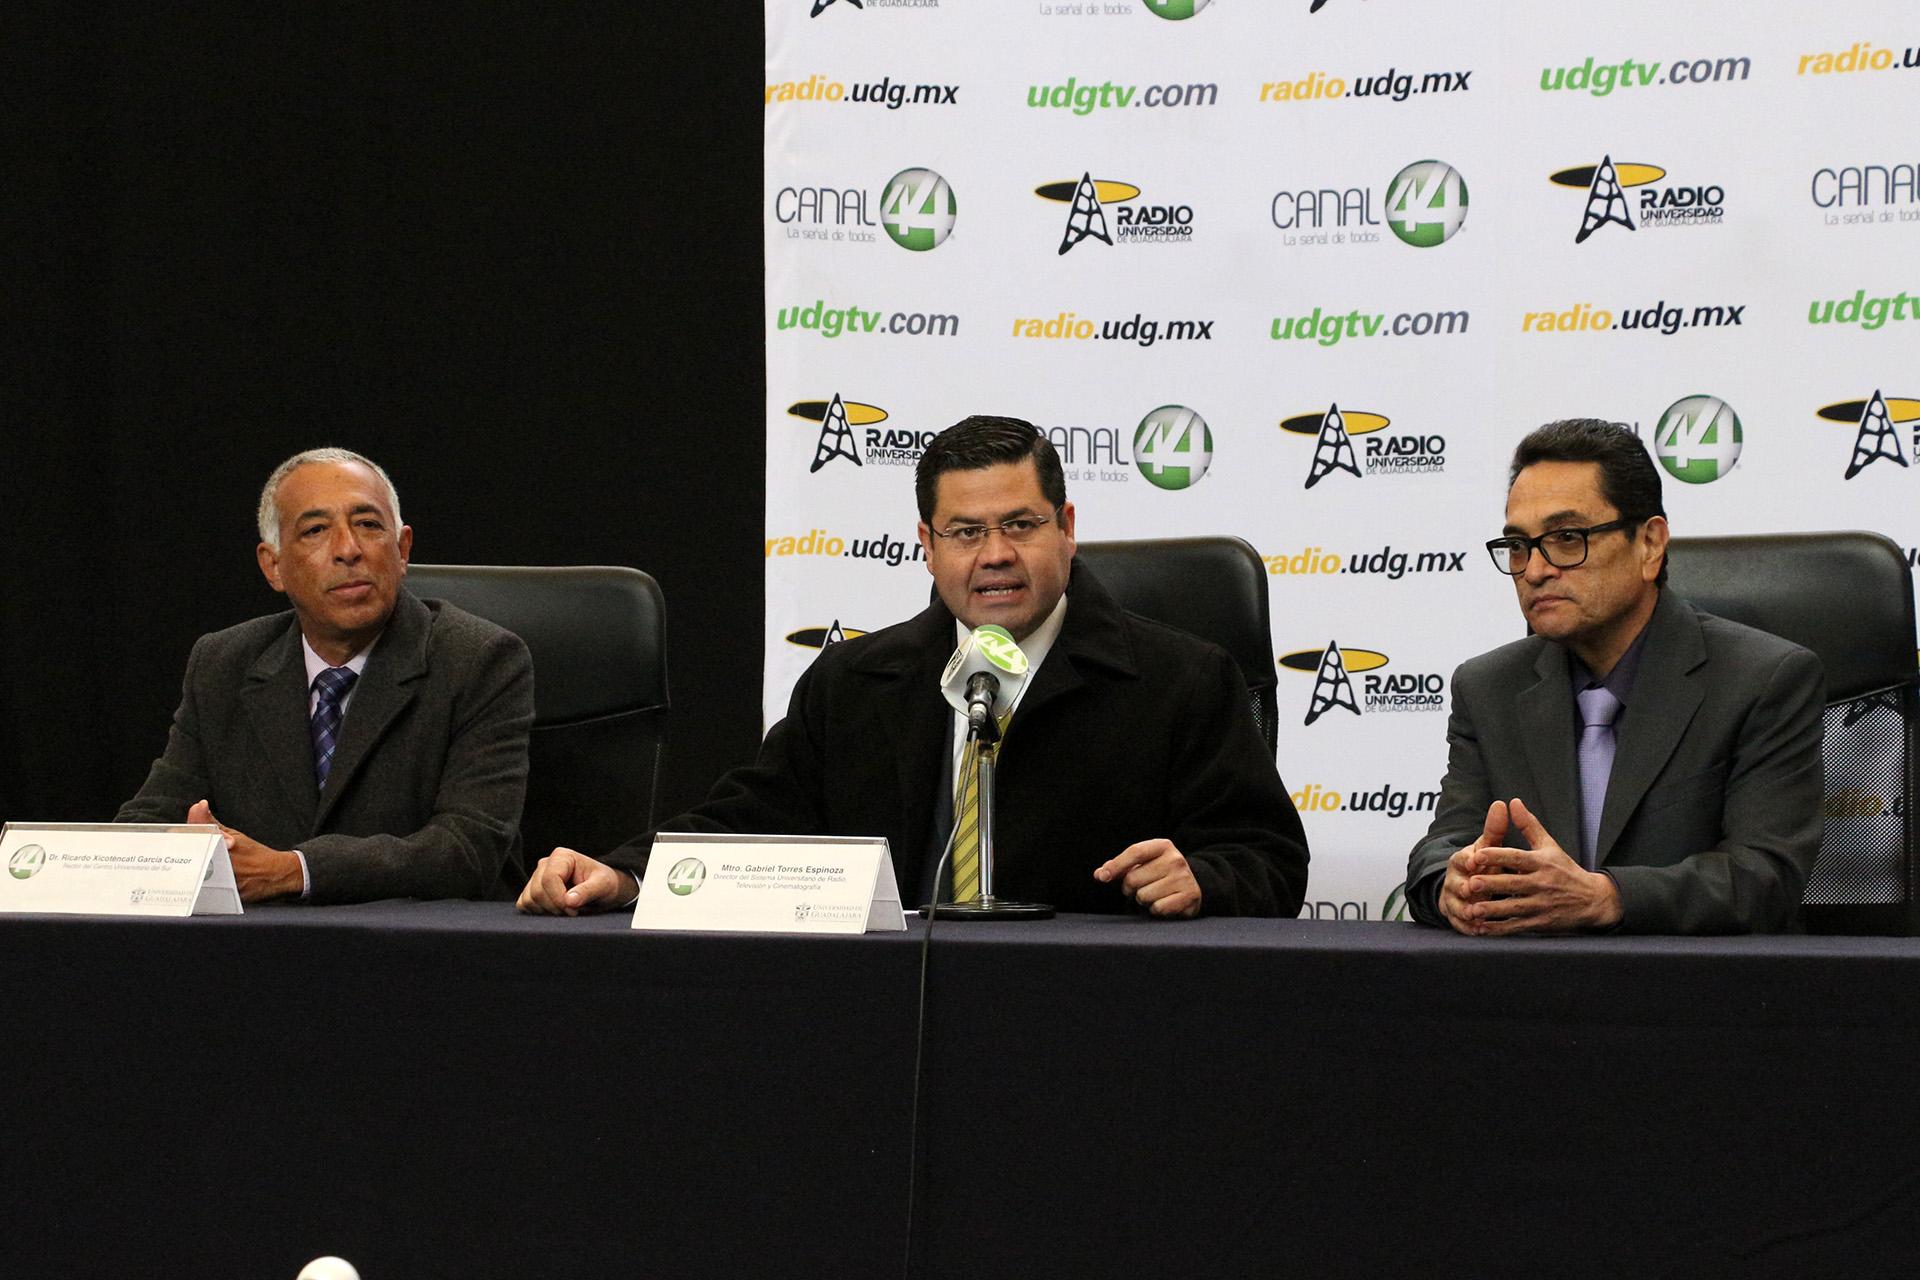 Director del Sistema Universitario de Radio, Televisión y Cinematografía (SURTyC), maestro Gabriel Torres Espinoza, haciendo uso de la palabra en rueda de prensa